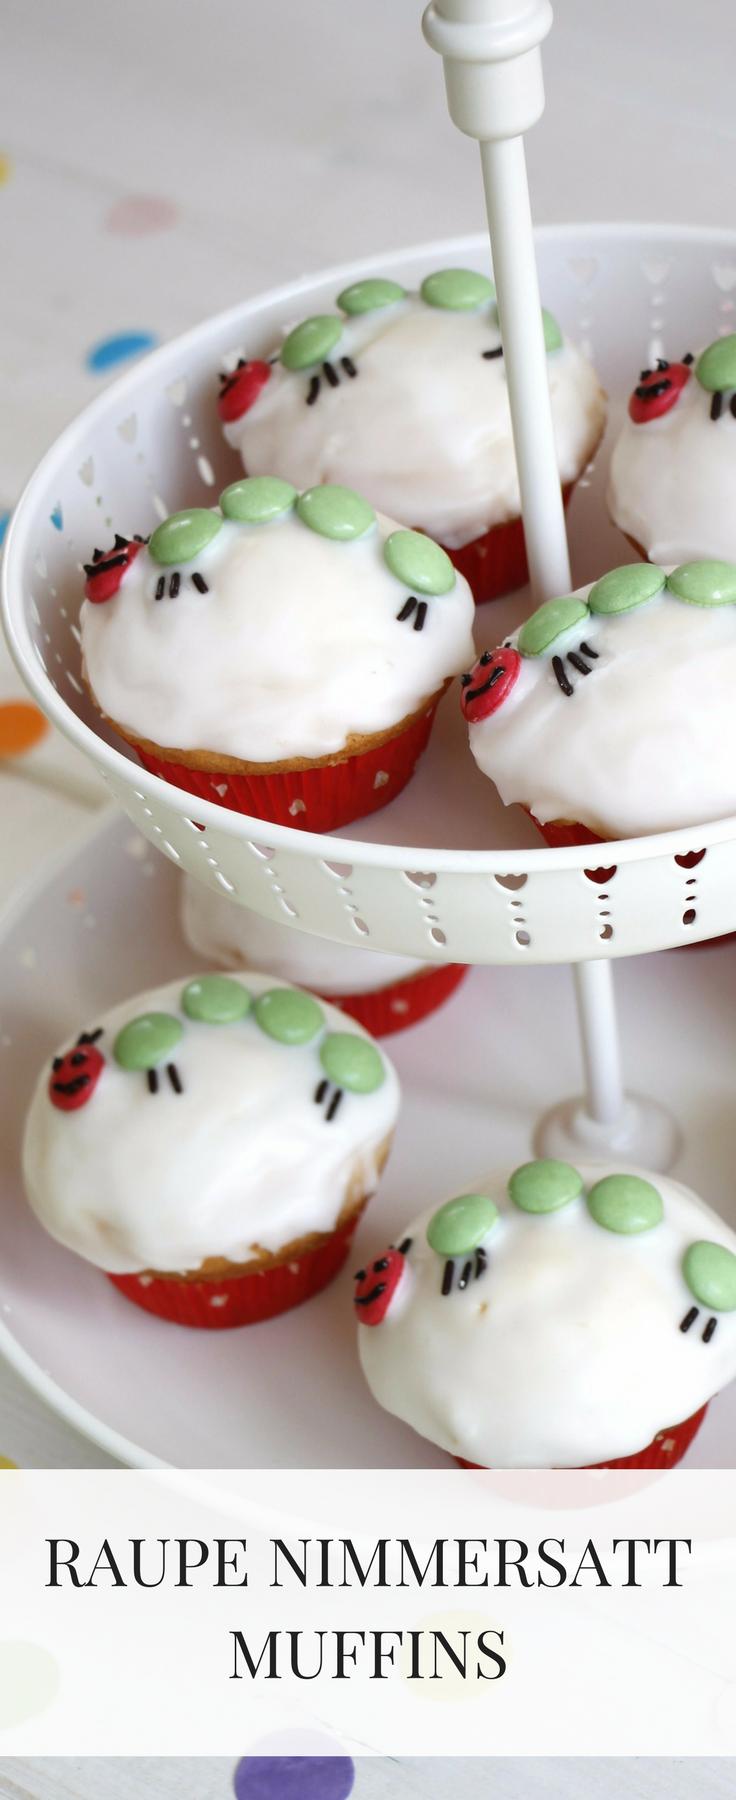 Ein Kindgeburtstag Kuchen muss her: Wie wäre es mit Kleine Raupe Nimmersatt Cupcakes? Die Kleine Raupe Nimmersatt Muffins passen perfekt zu einer Kleinen Raupe Nimmersatt Themenparty und das Muffin Rezept ist wirklich schnell und einfach gemacht.